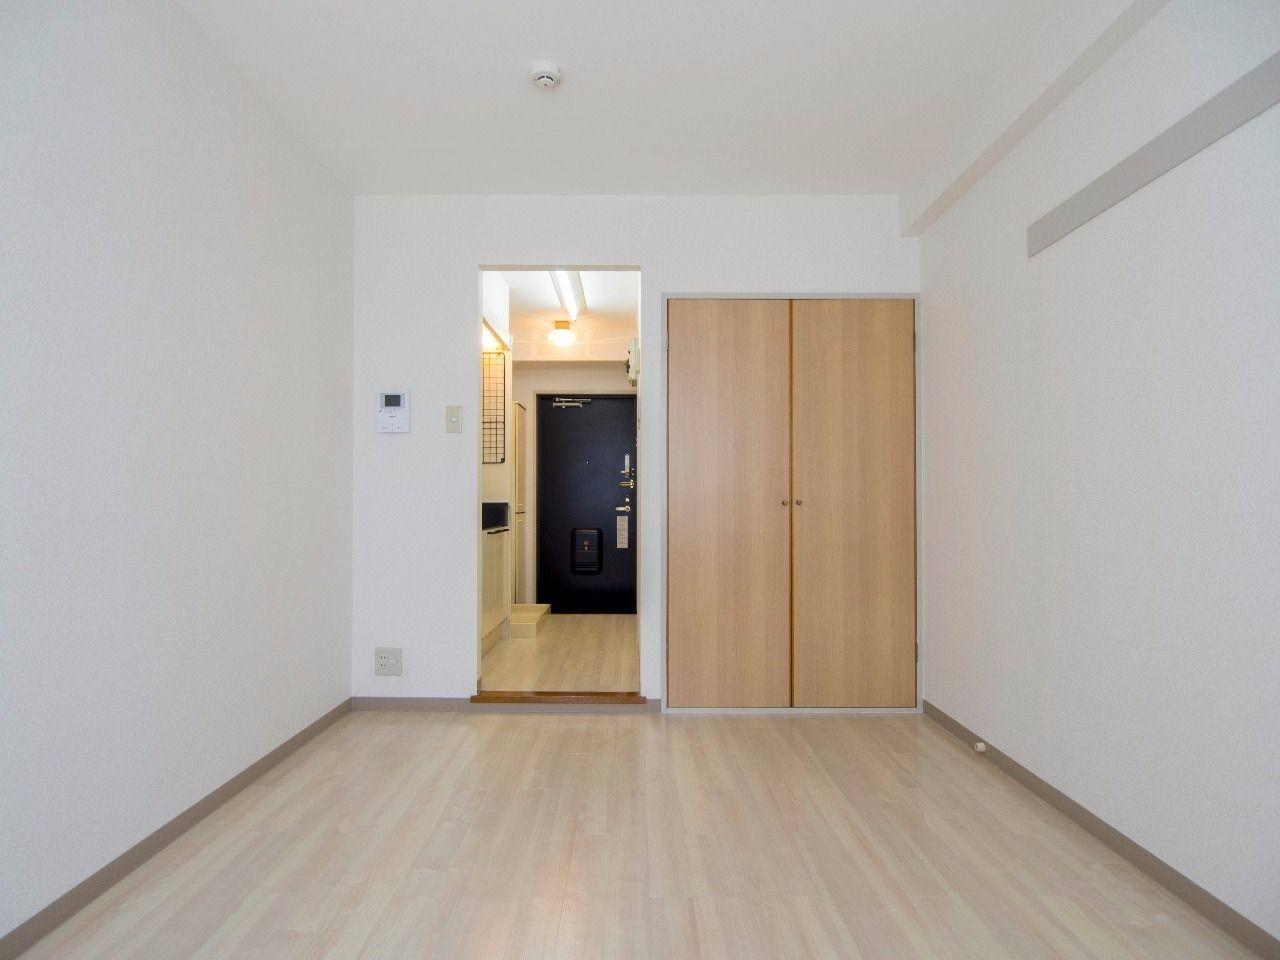 ナチュラルな床色で落ち着く居室